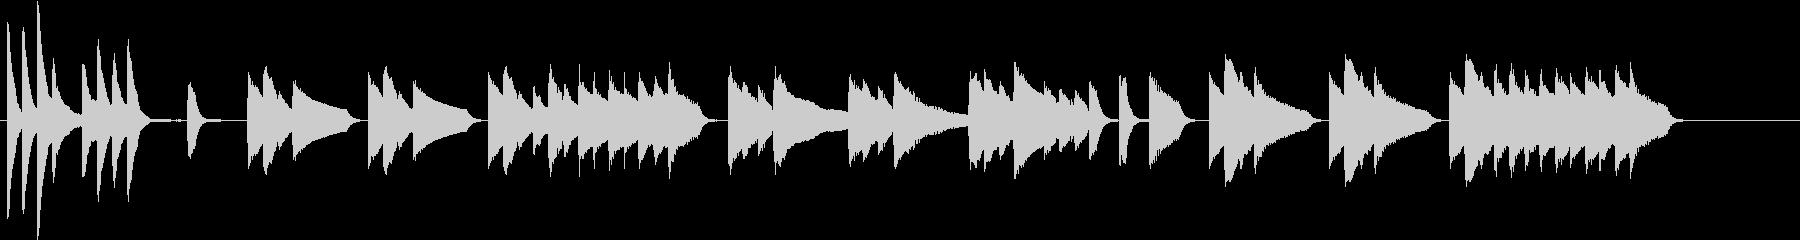 短いコミカルなピアノ曲の未再生の波形